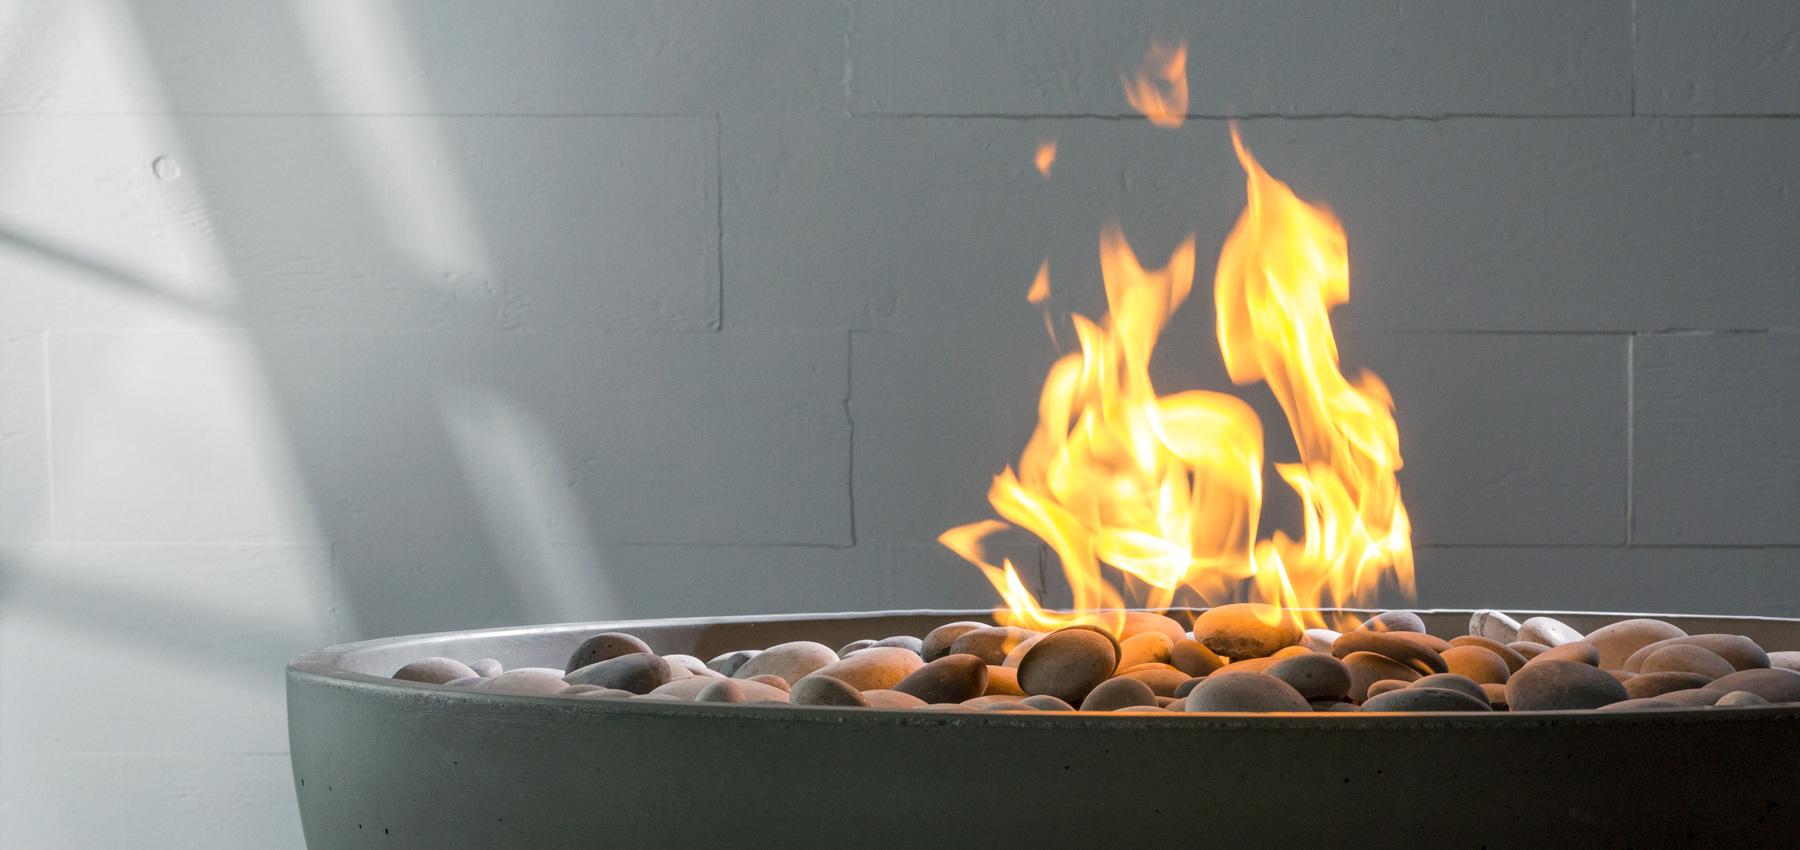 Solus hemi gas fire pit